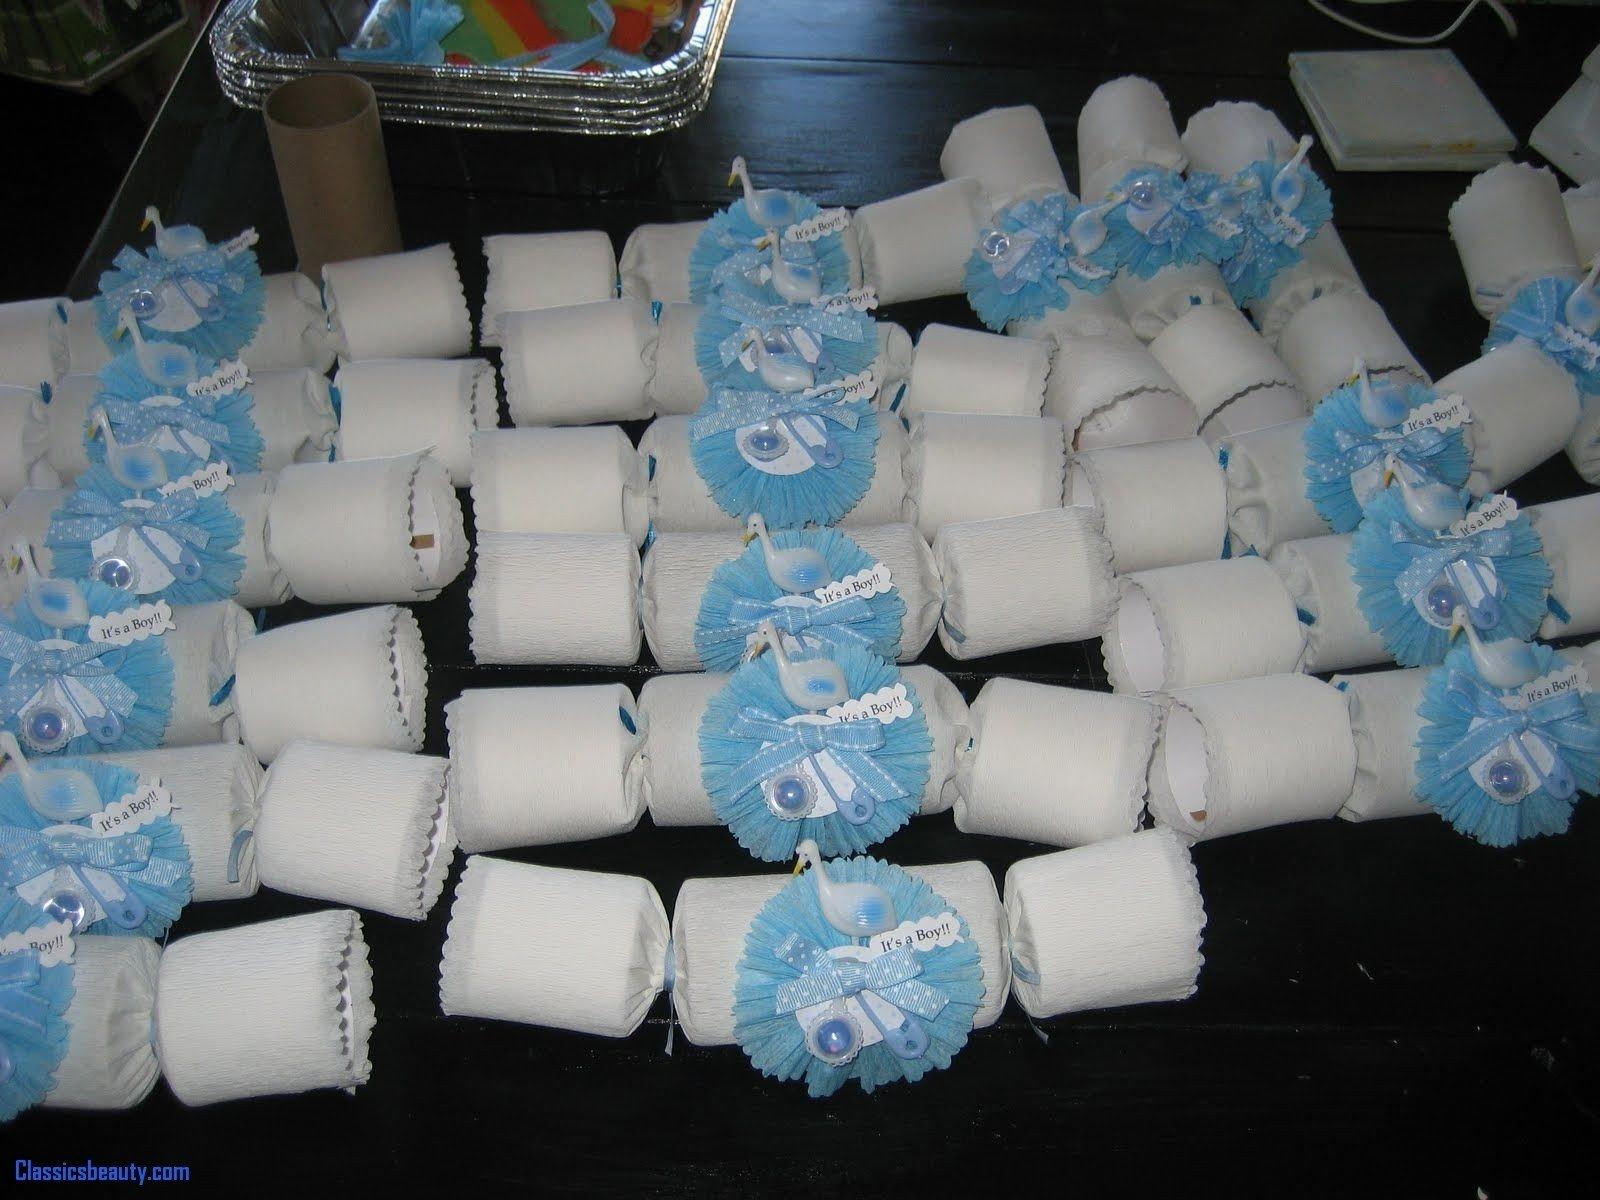 10 Lovable Homemade Baby Shower Party Favors Ideas ideas homemade baby shower favors for boy douche gunsten idee n 1 2020